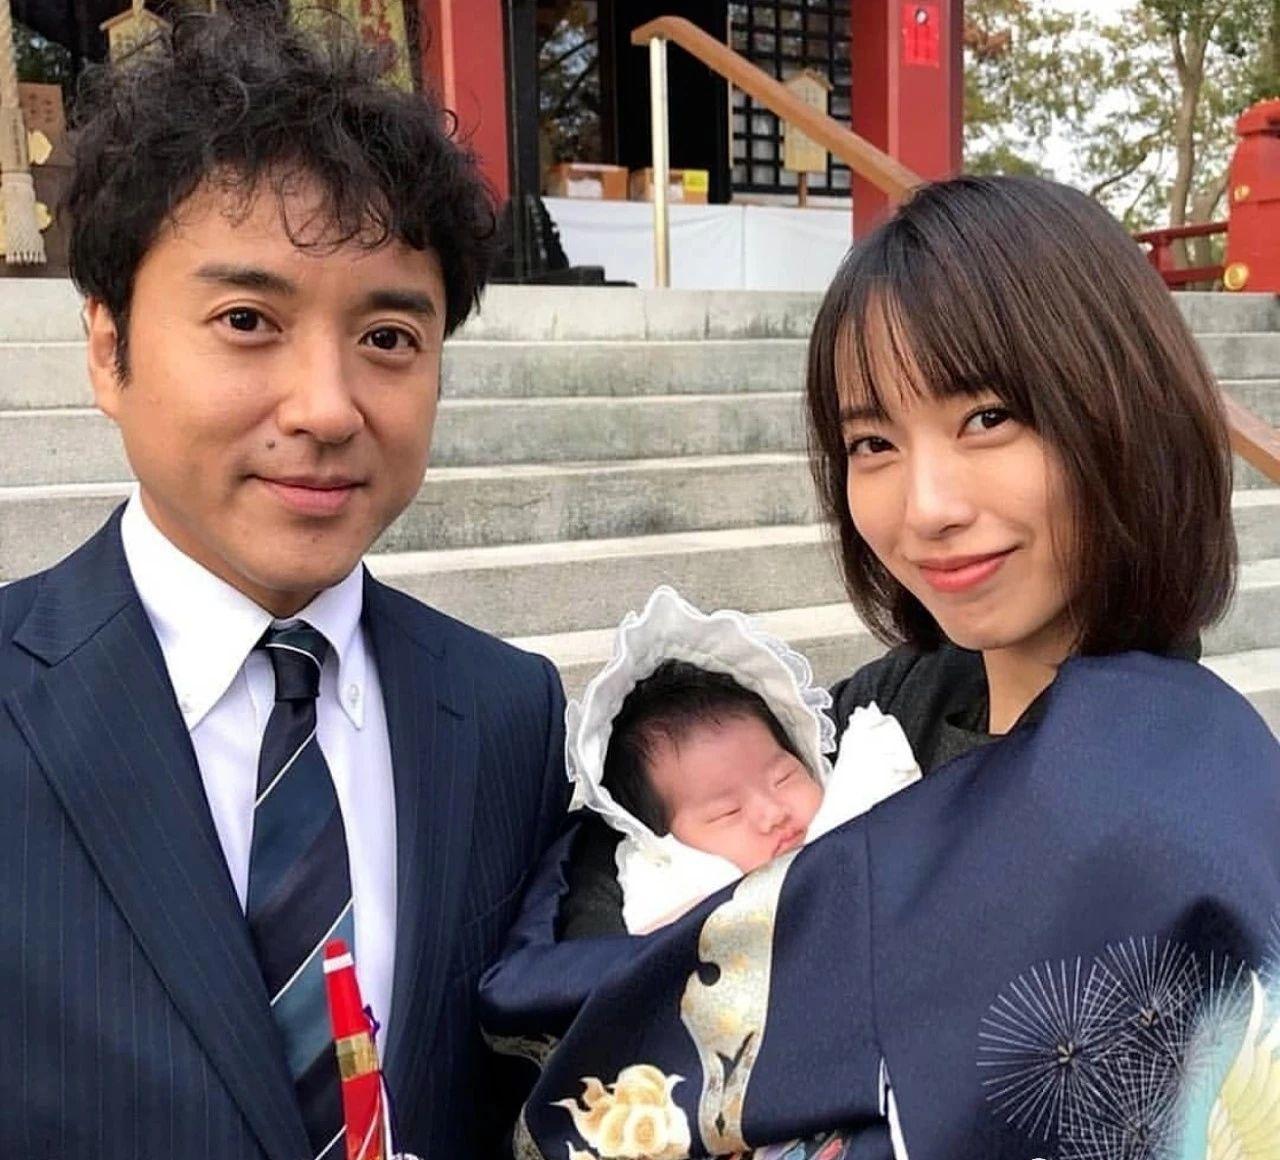 日本娱乐圈的都市传说室毅可以旺女人的感情运 (3)